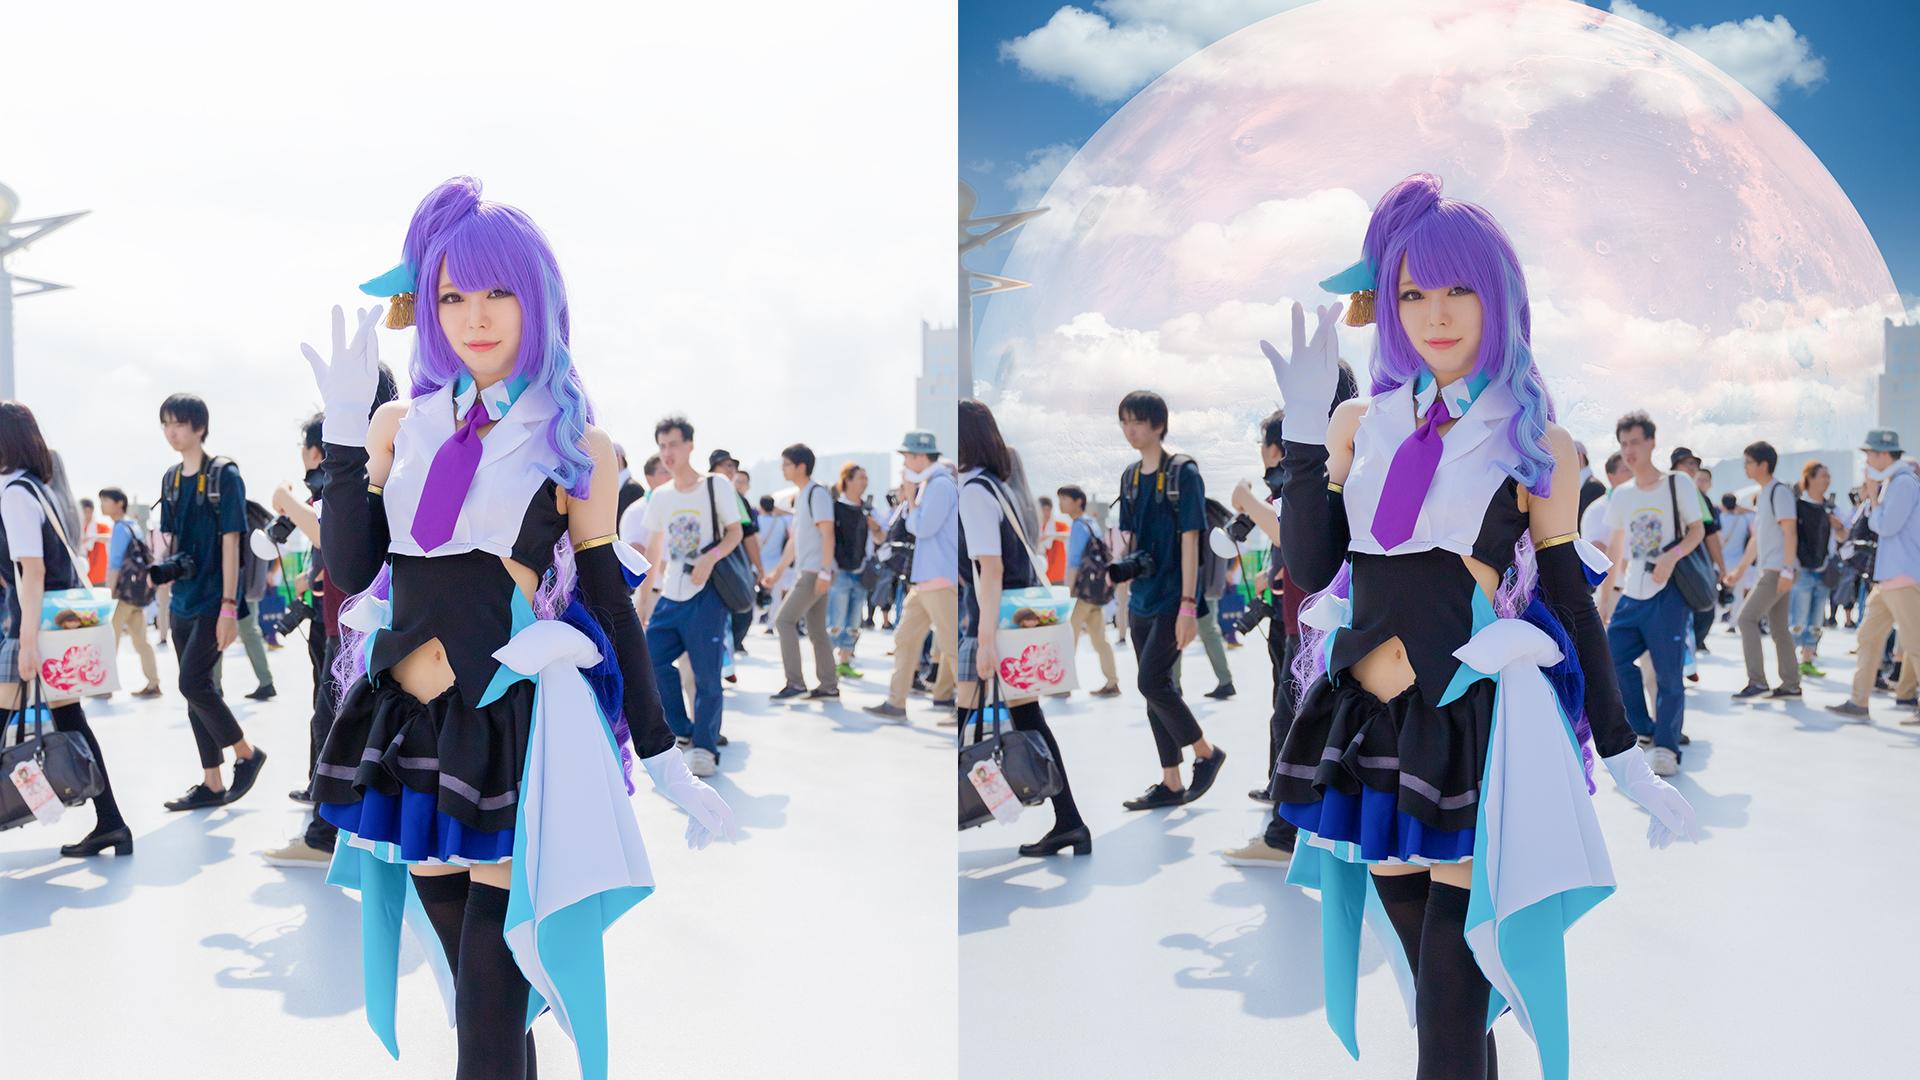 【1,000円割引クーポンあり】話題のルミナー4(Luminar 4)でコスプレ写真をレタッチしてみた!ルミナー4(Luminar4)とコスプレ写真の相性は?